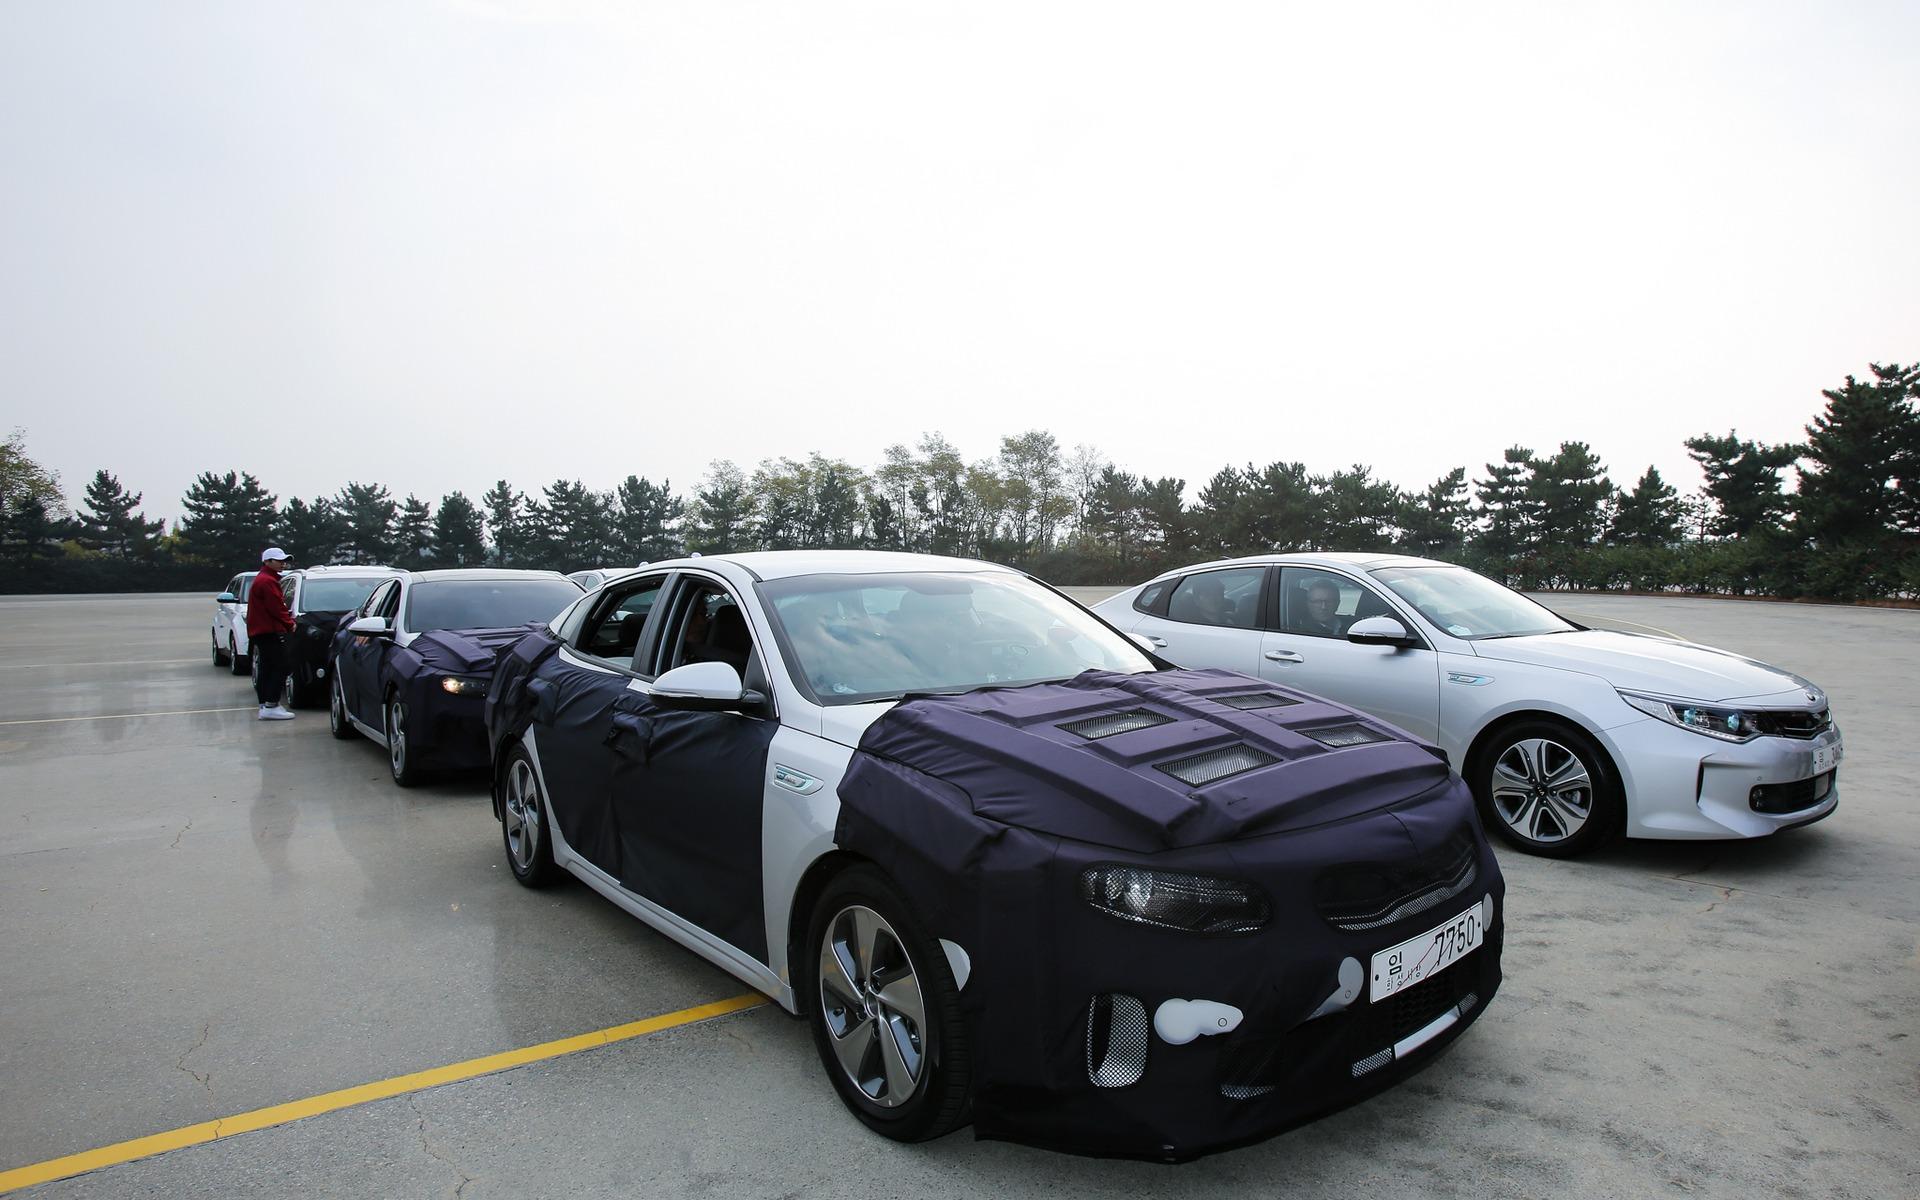 Kia Optima hybride branchable (PHEV) 2016 et Kia Optima Hybrid 2016